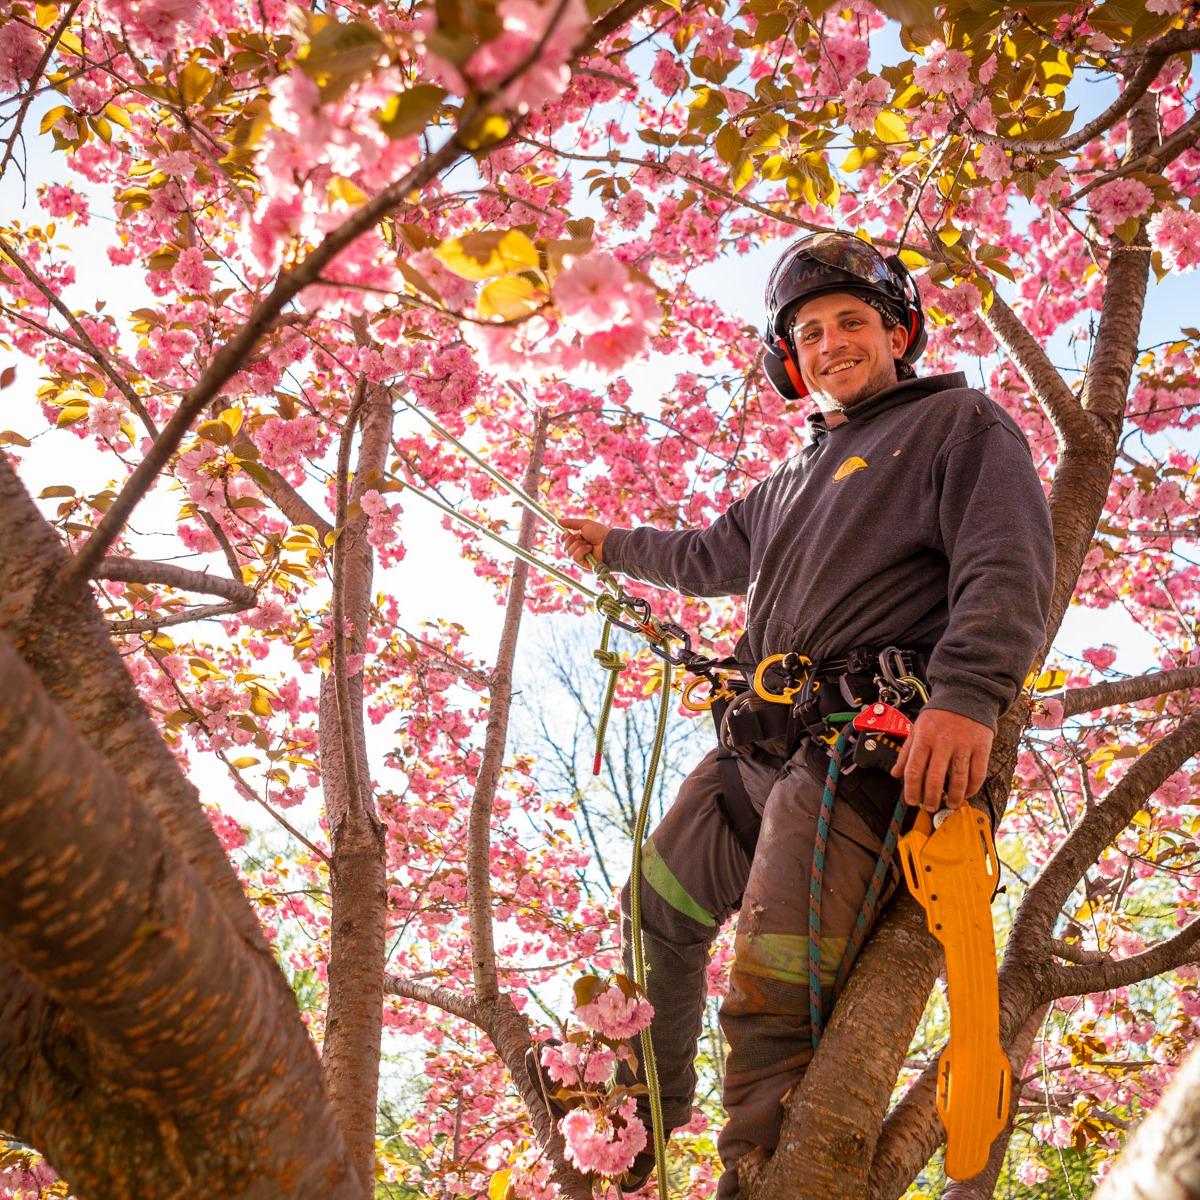 Arborist Tree climber flowering tree pruning 9